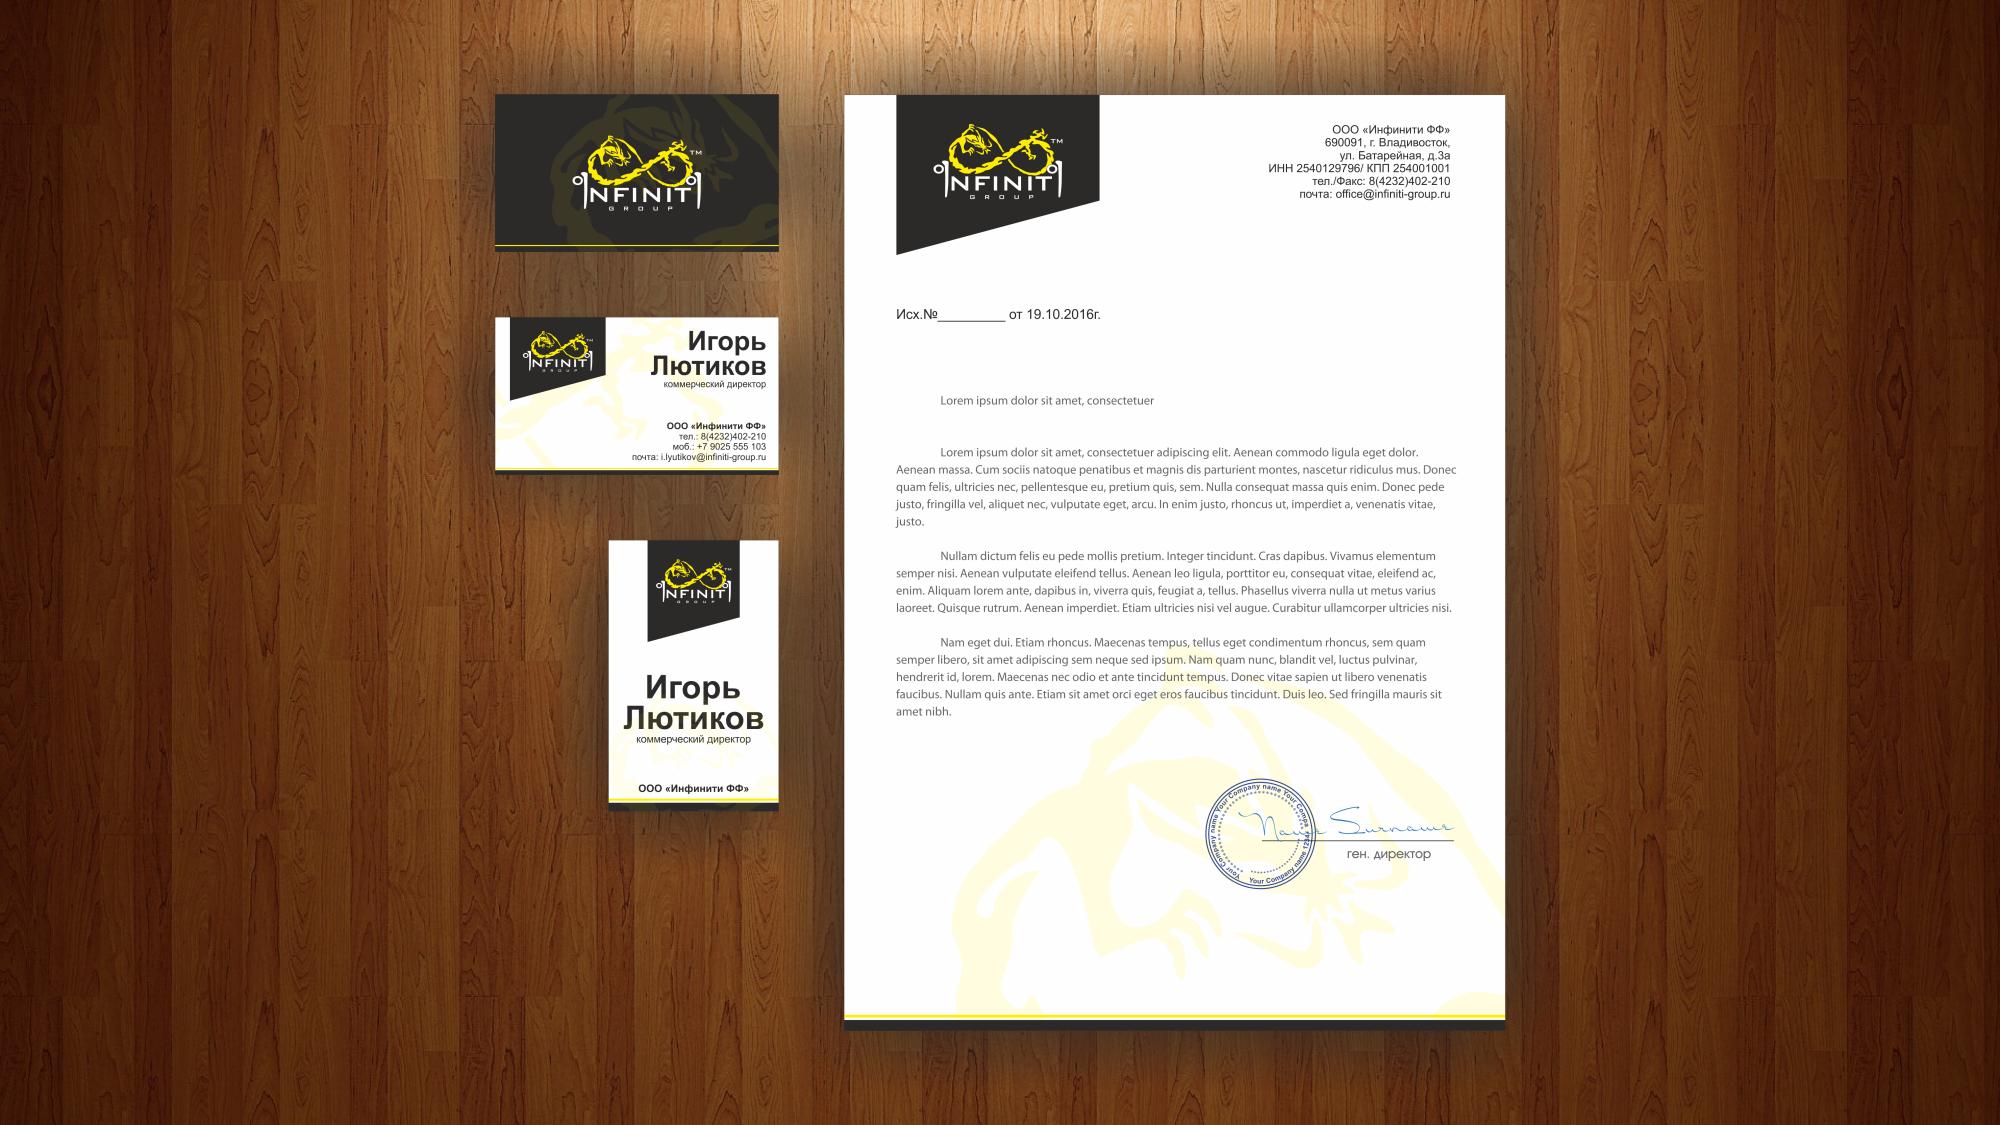 Требуется разработка дизайна визитки и карты доступа и т.п. фото f_08559133559eba7a.jpg